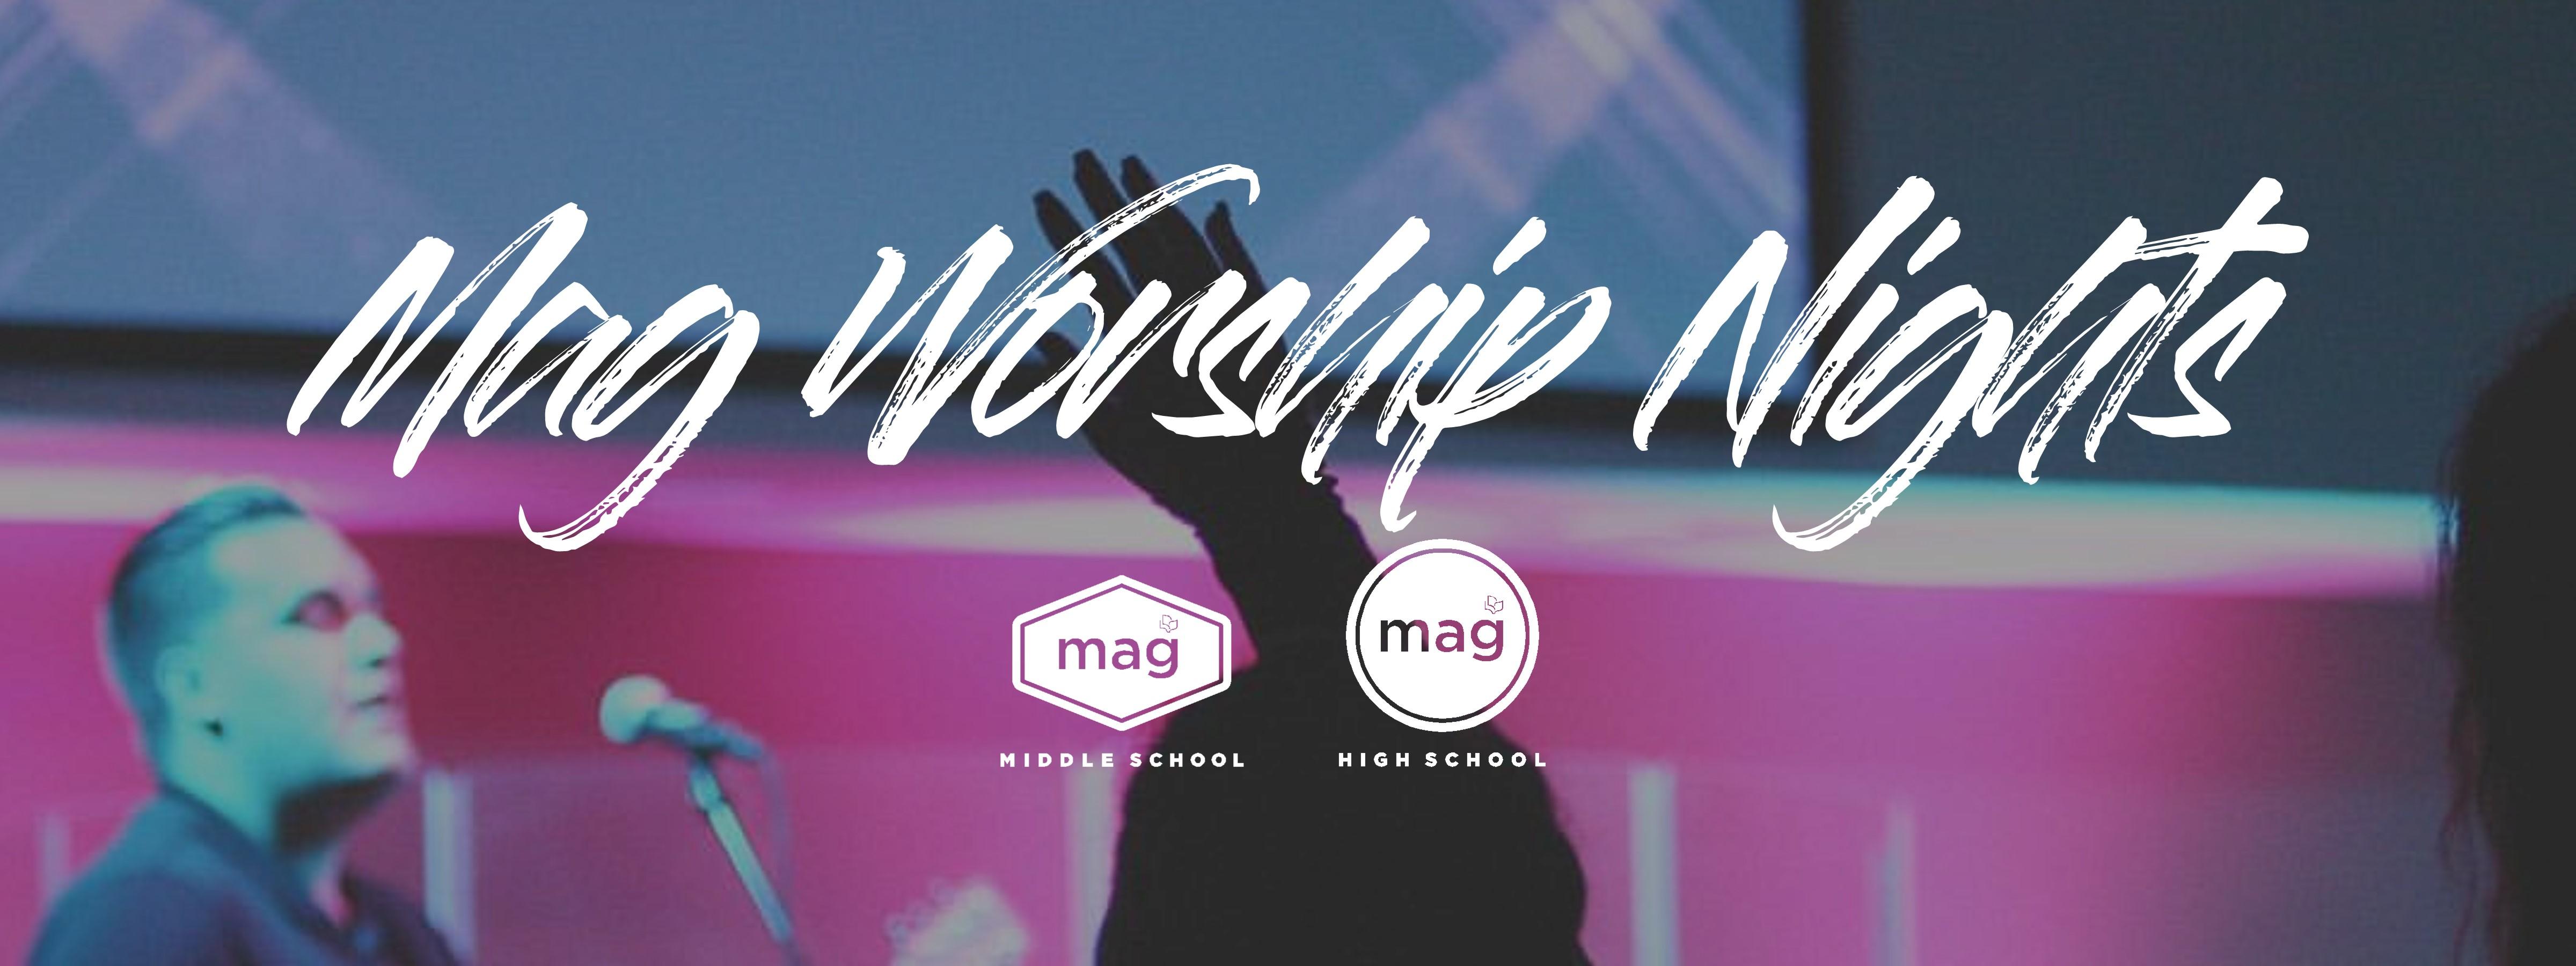 Mag Worship Nights_WB